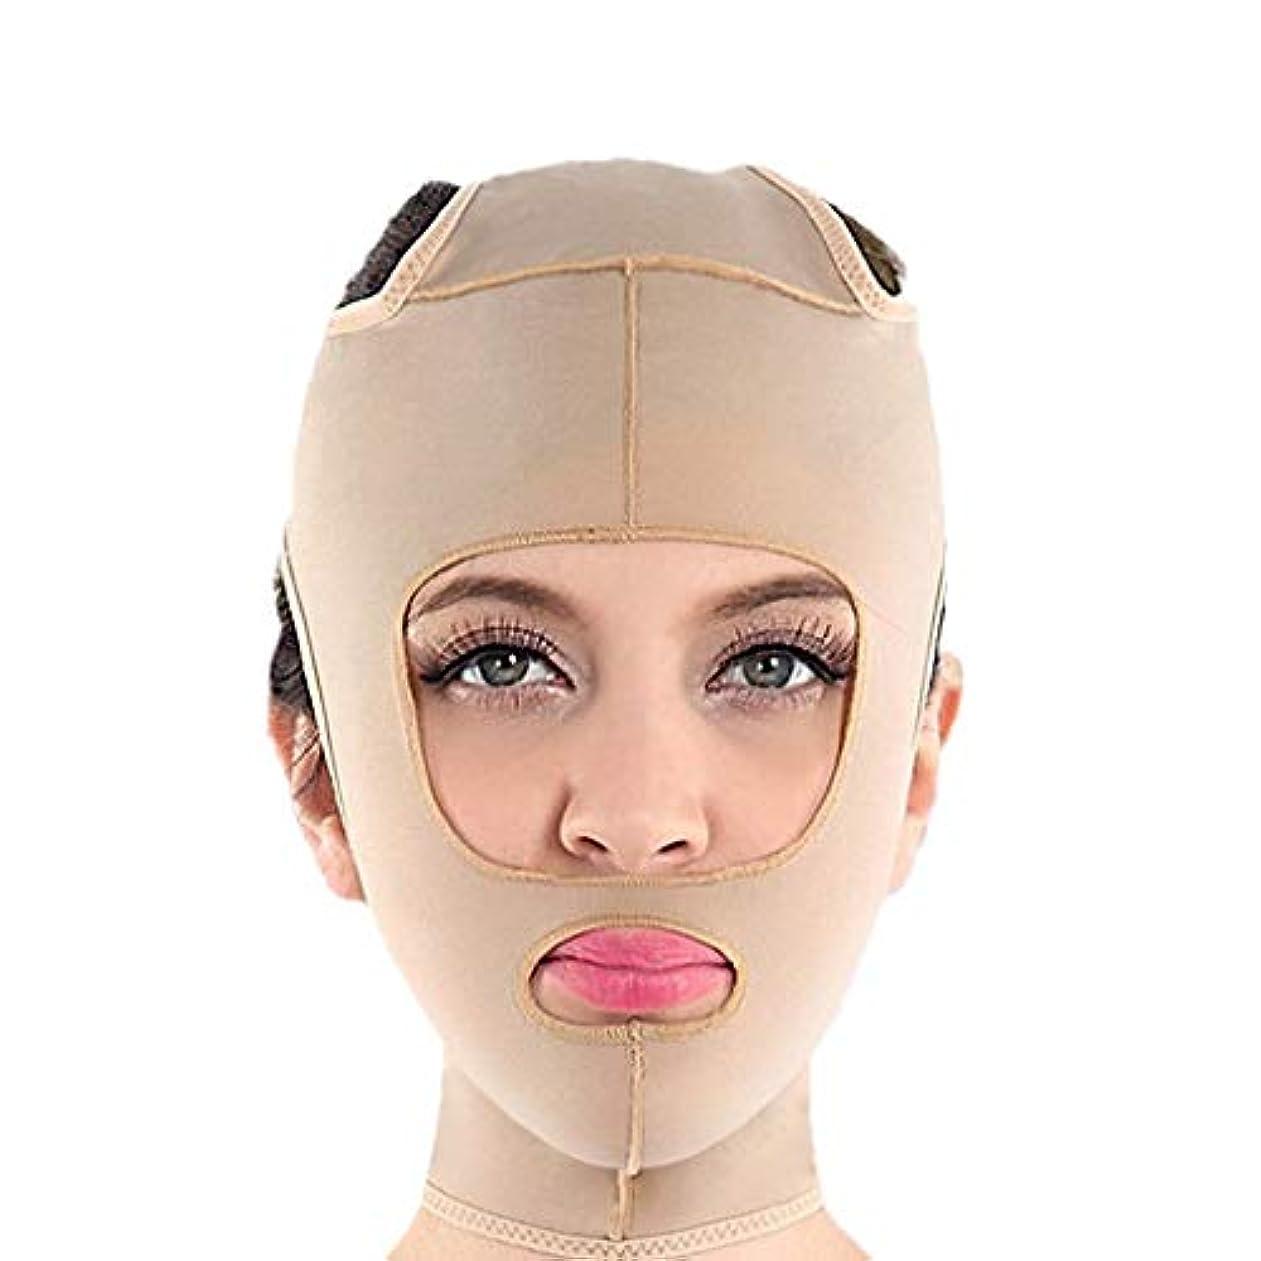 見つけたイブ好きフェイスリフティング、ダブルチンストラップ、フェイシャル減量マスク、ダブルチンを減らすリフティングヌードル、ファーミングフェイス、パワフルリフティングマスク(サイズ:M),ザ?